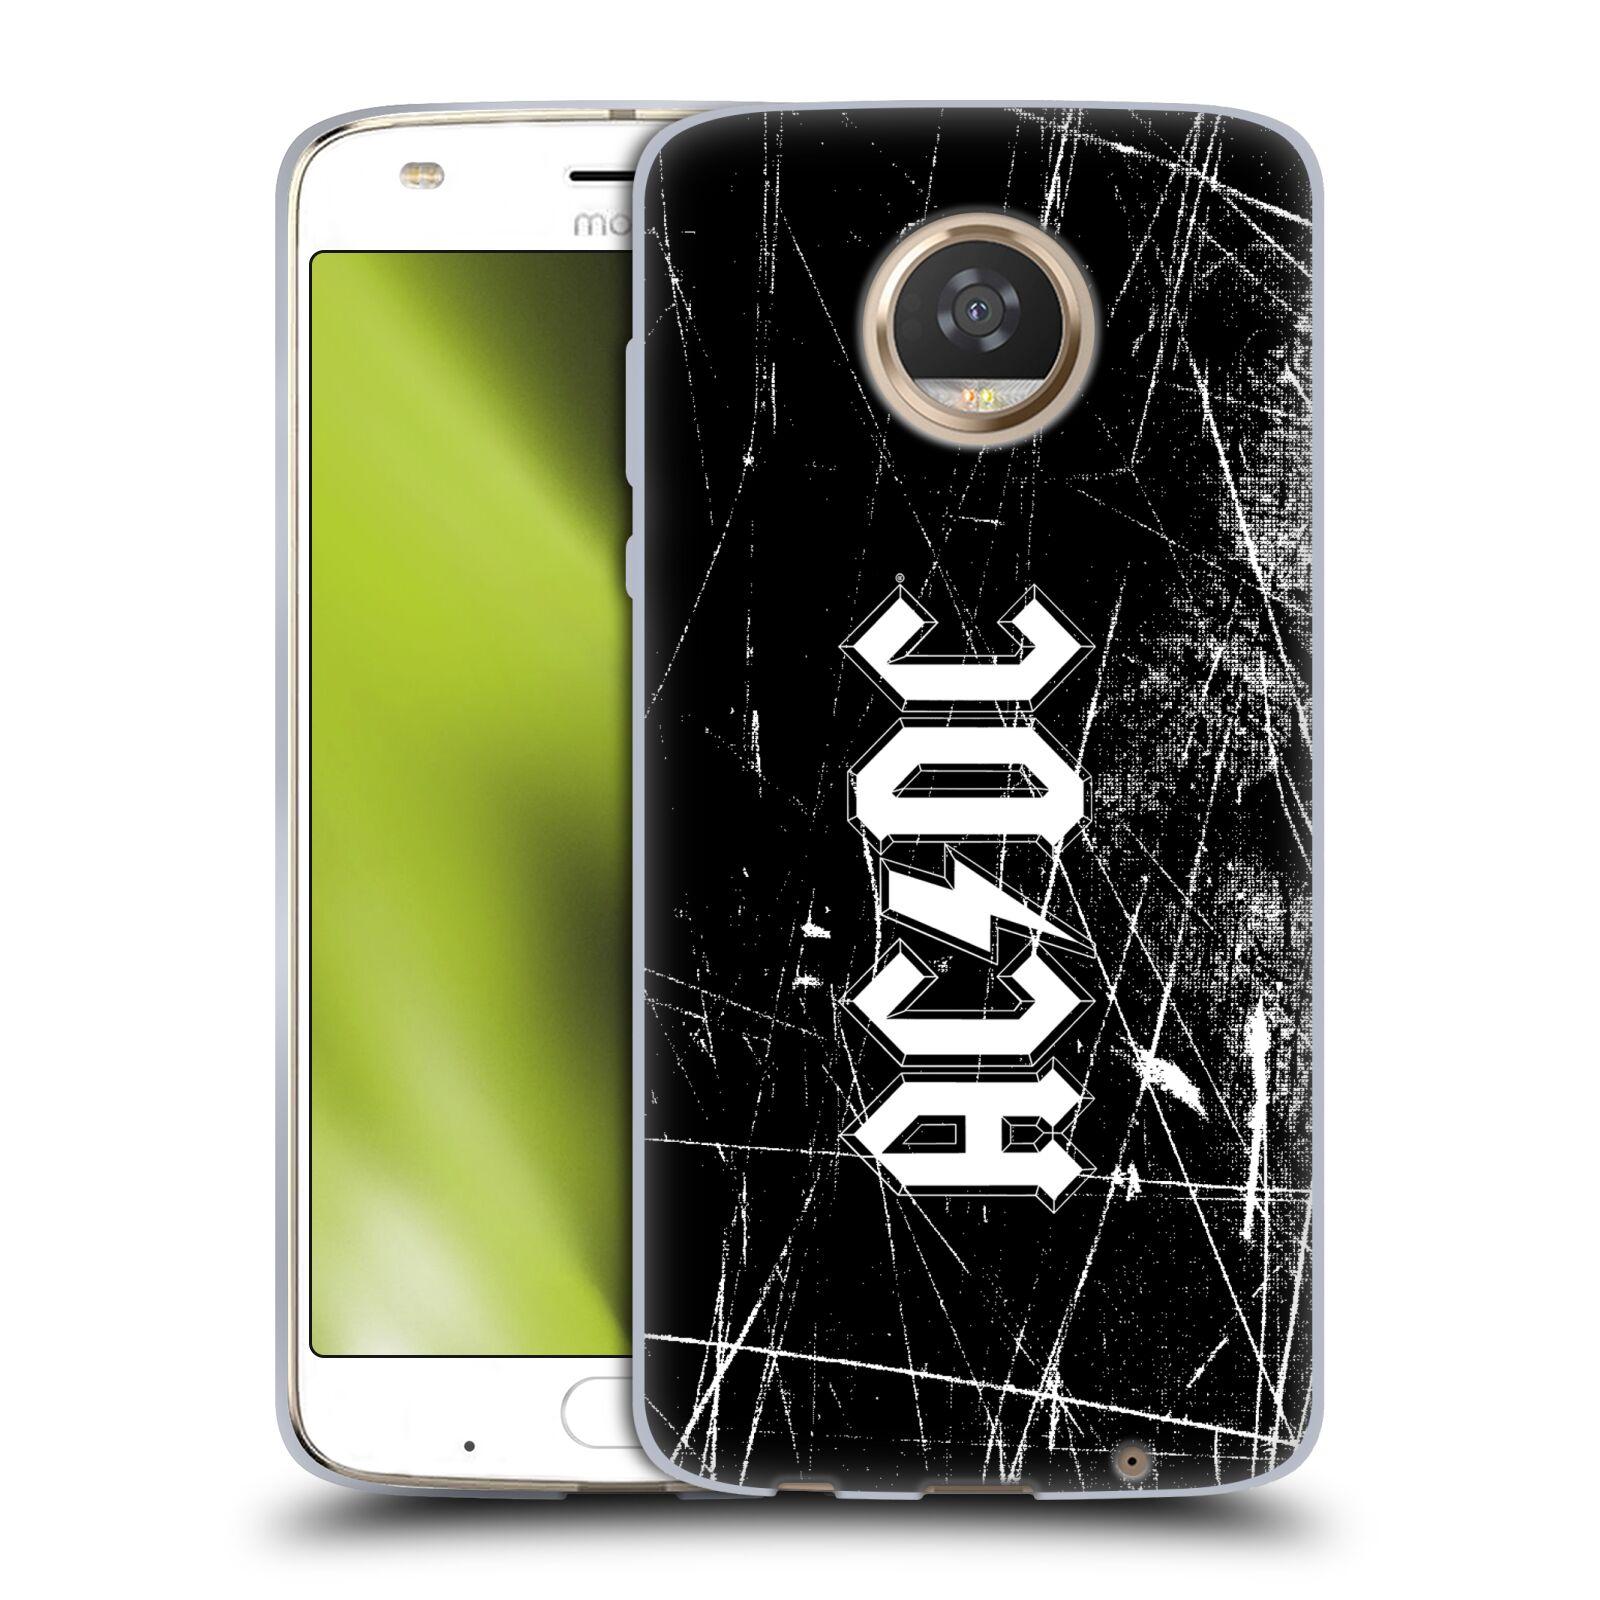 Silikonové pouzdro na mobil Lenovo Moto Z2 Play - Head Case - AC/DC Černobílé logo